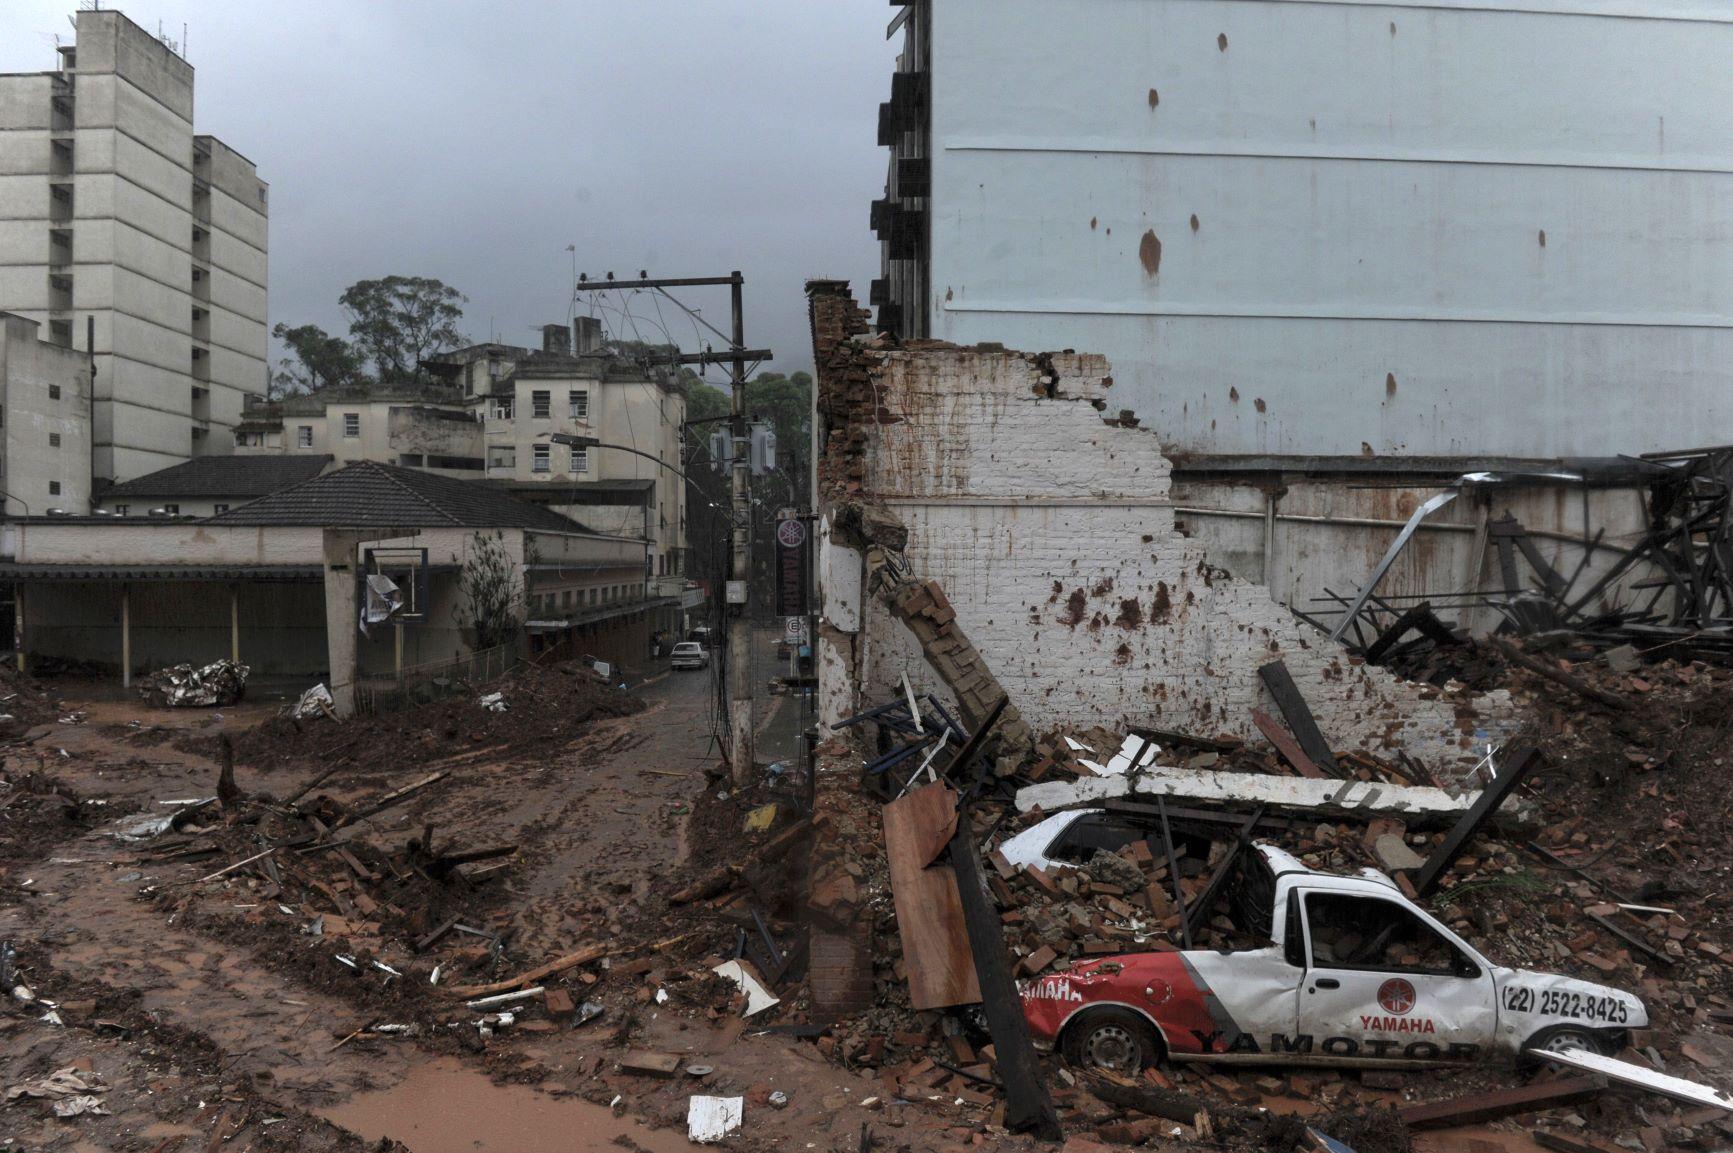 Área destruída por deslizamento no centro de Nova Friburgo: estudo afirma que impacto de eventos extremos seria muito menor se houvesse preservação de áreas elevadas e topos de morros e montanhas (Maurício Lima/AFP - 15/01/2011)